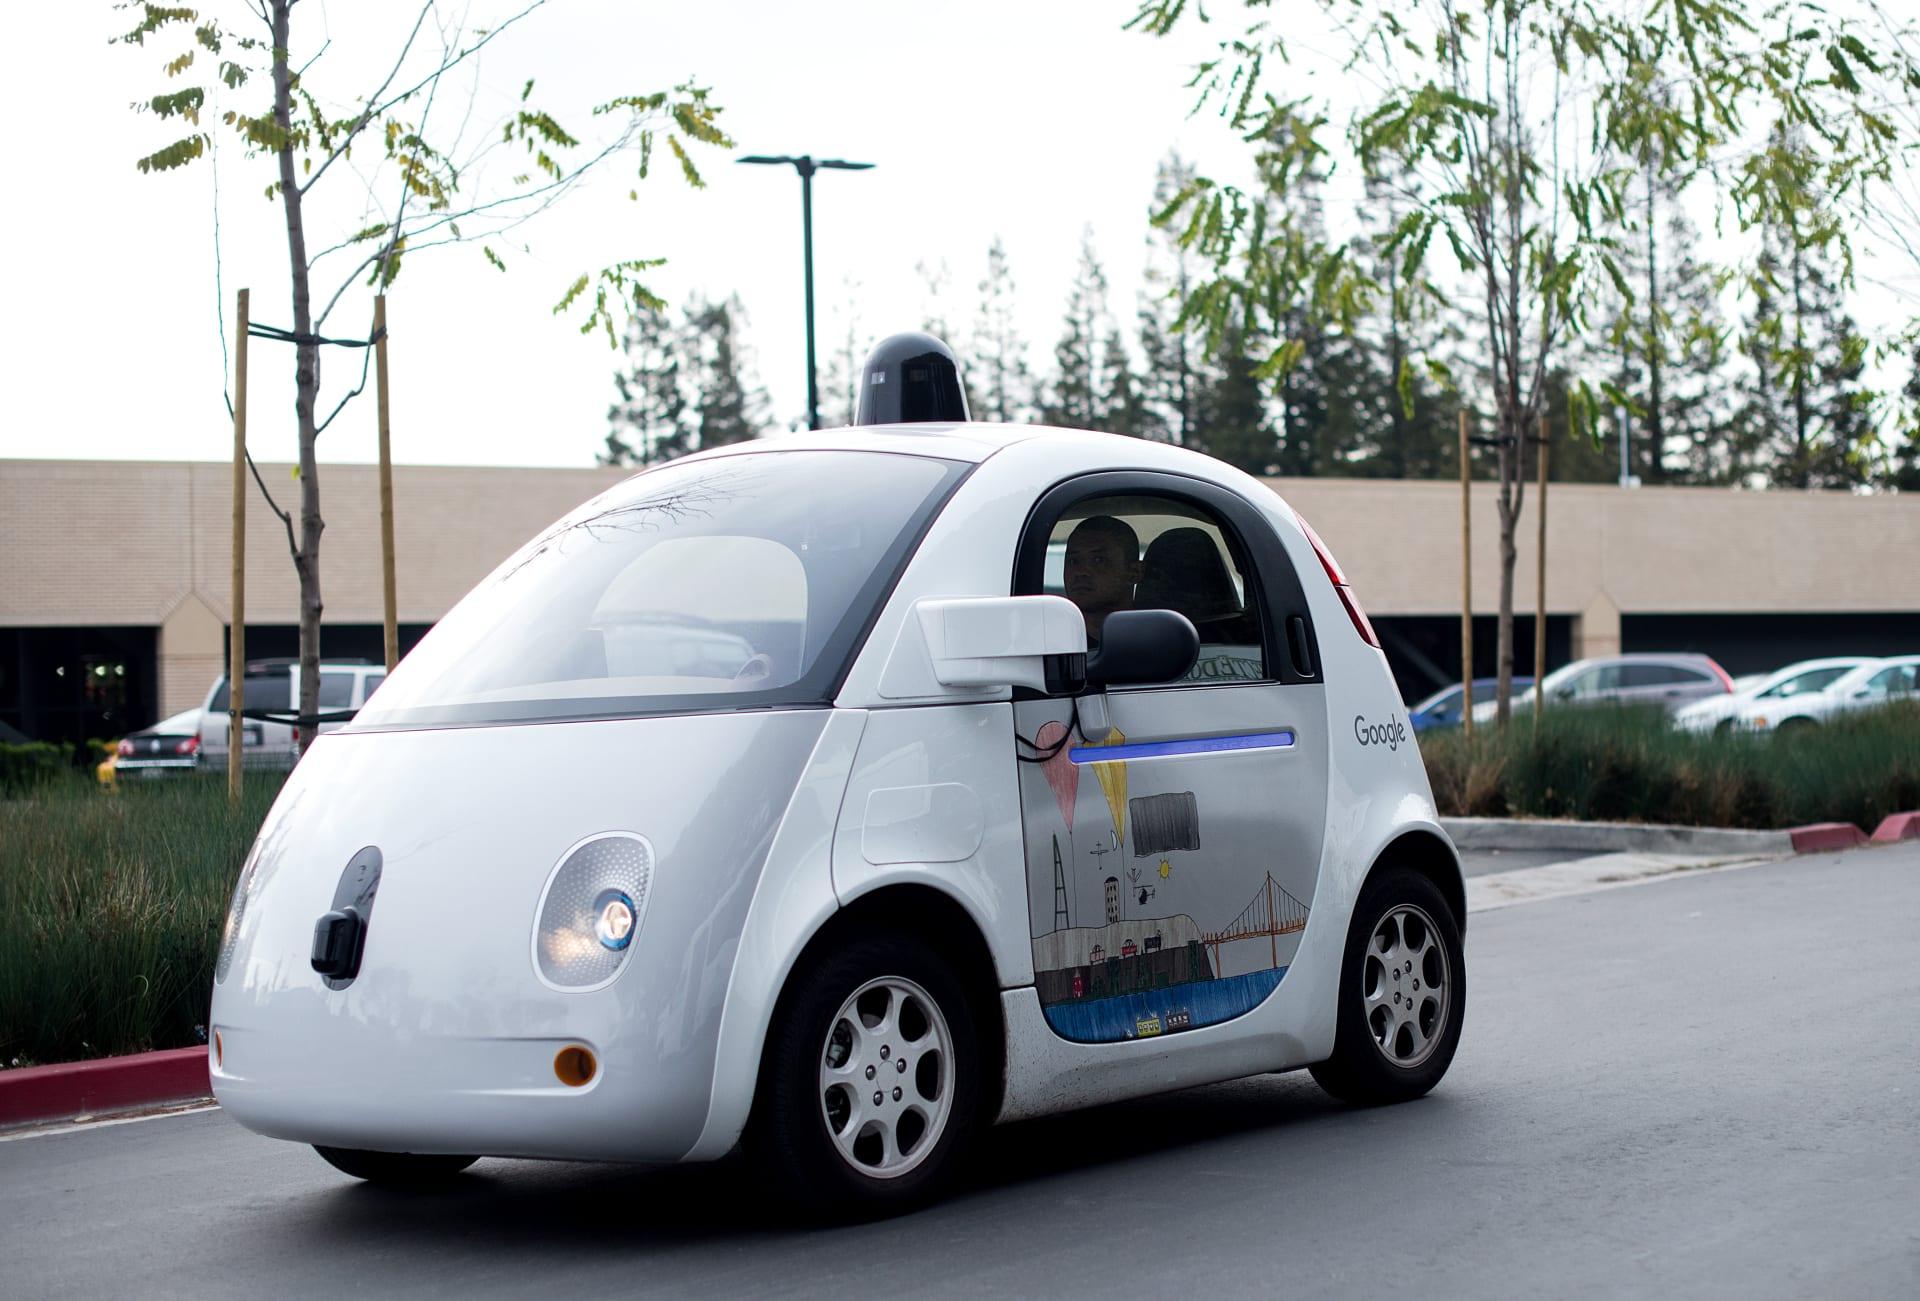 """أمريكا: سيارة غوغل """"ذاتية القيادة"""" تتسبب بحادث مروري مع حافلة"""